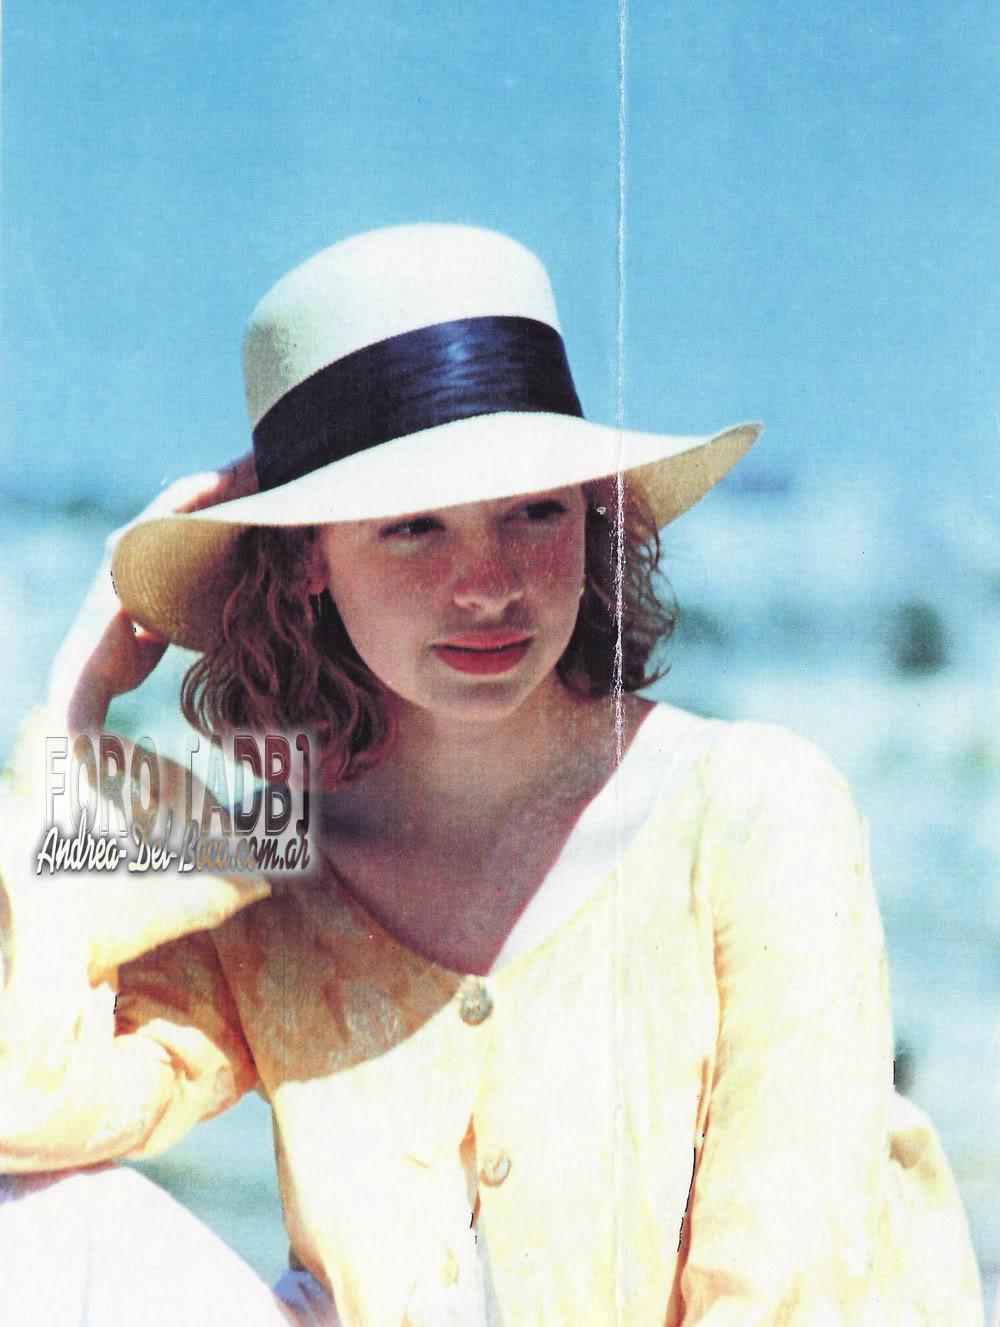 Фотографии / Fotos (часть 4) - Página 13 1994_andy_del_boca_0362